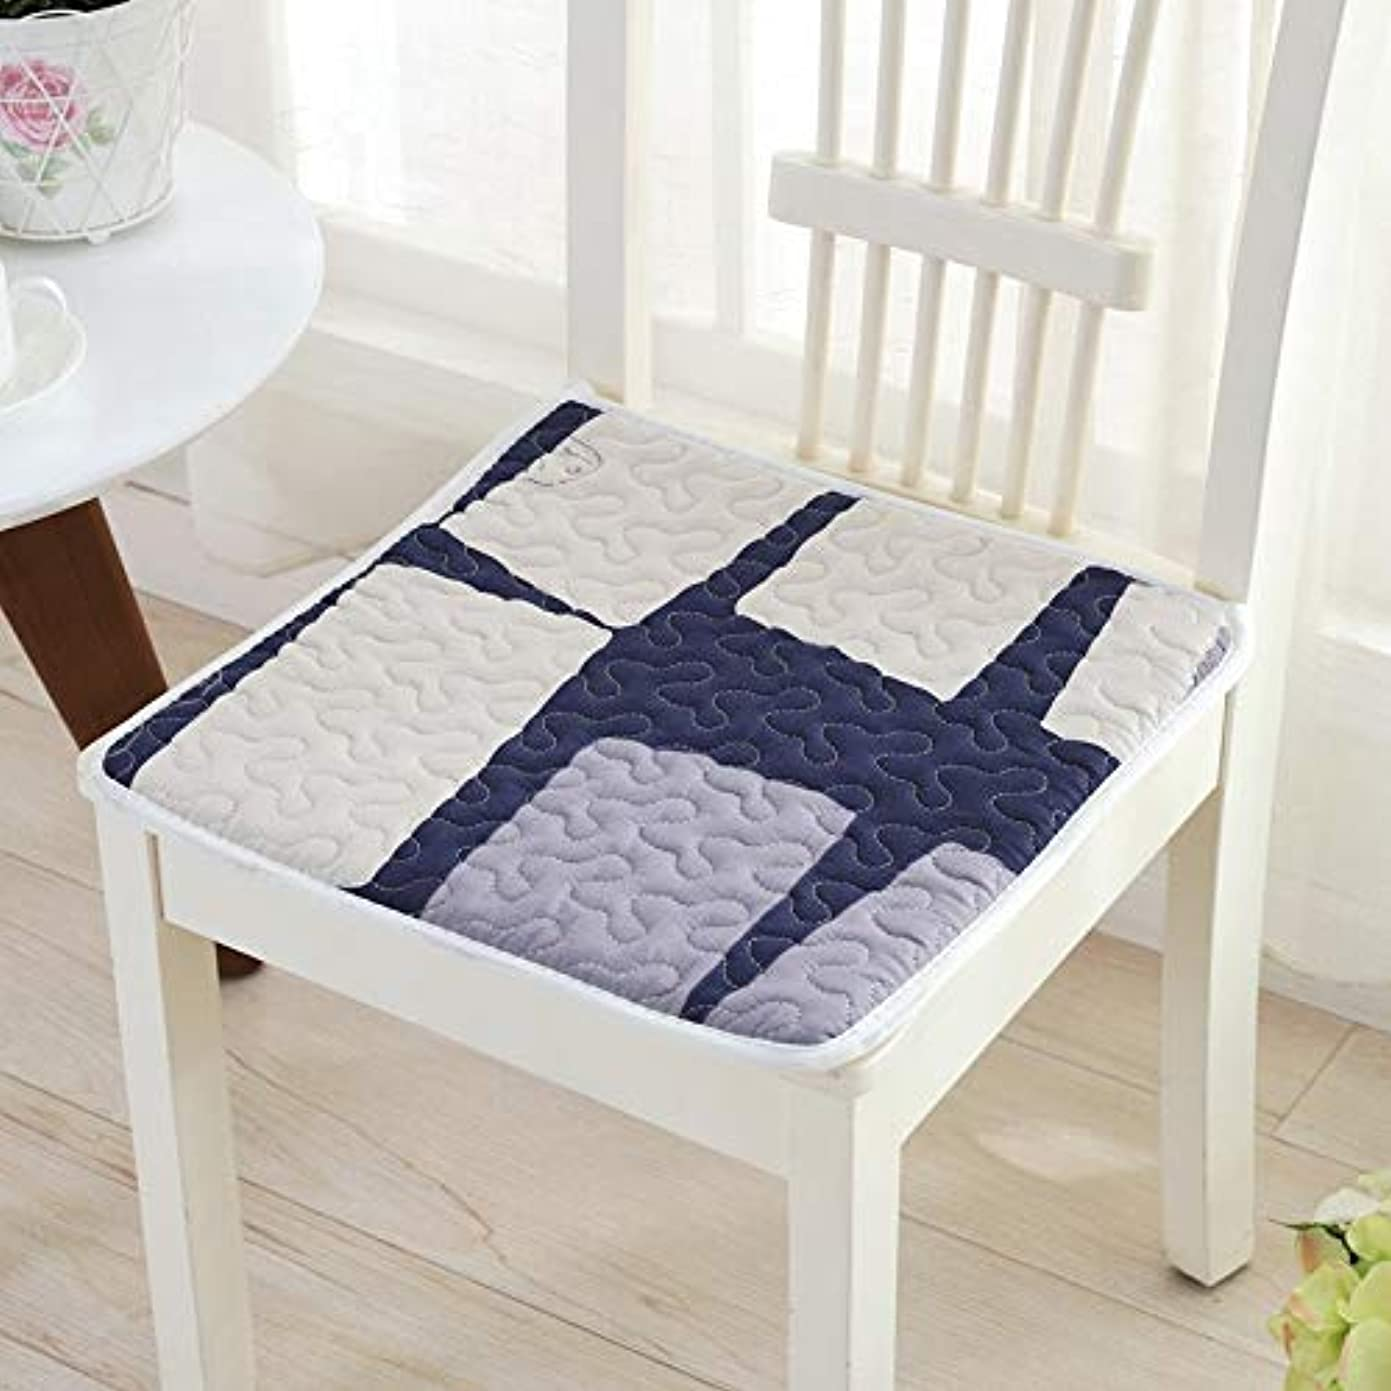 ふつう隙間銅LIFE 現代スーパーソフト椅子クッション非スリップシートクッションマットソファホームデコレーションバッククッションチェアパッド 40*40/45*45/50*50 センチメートル クッション 椅子